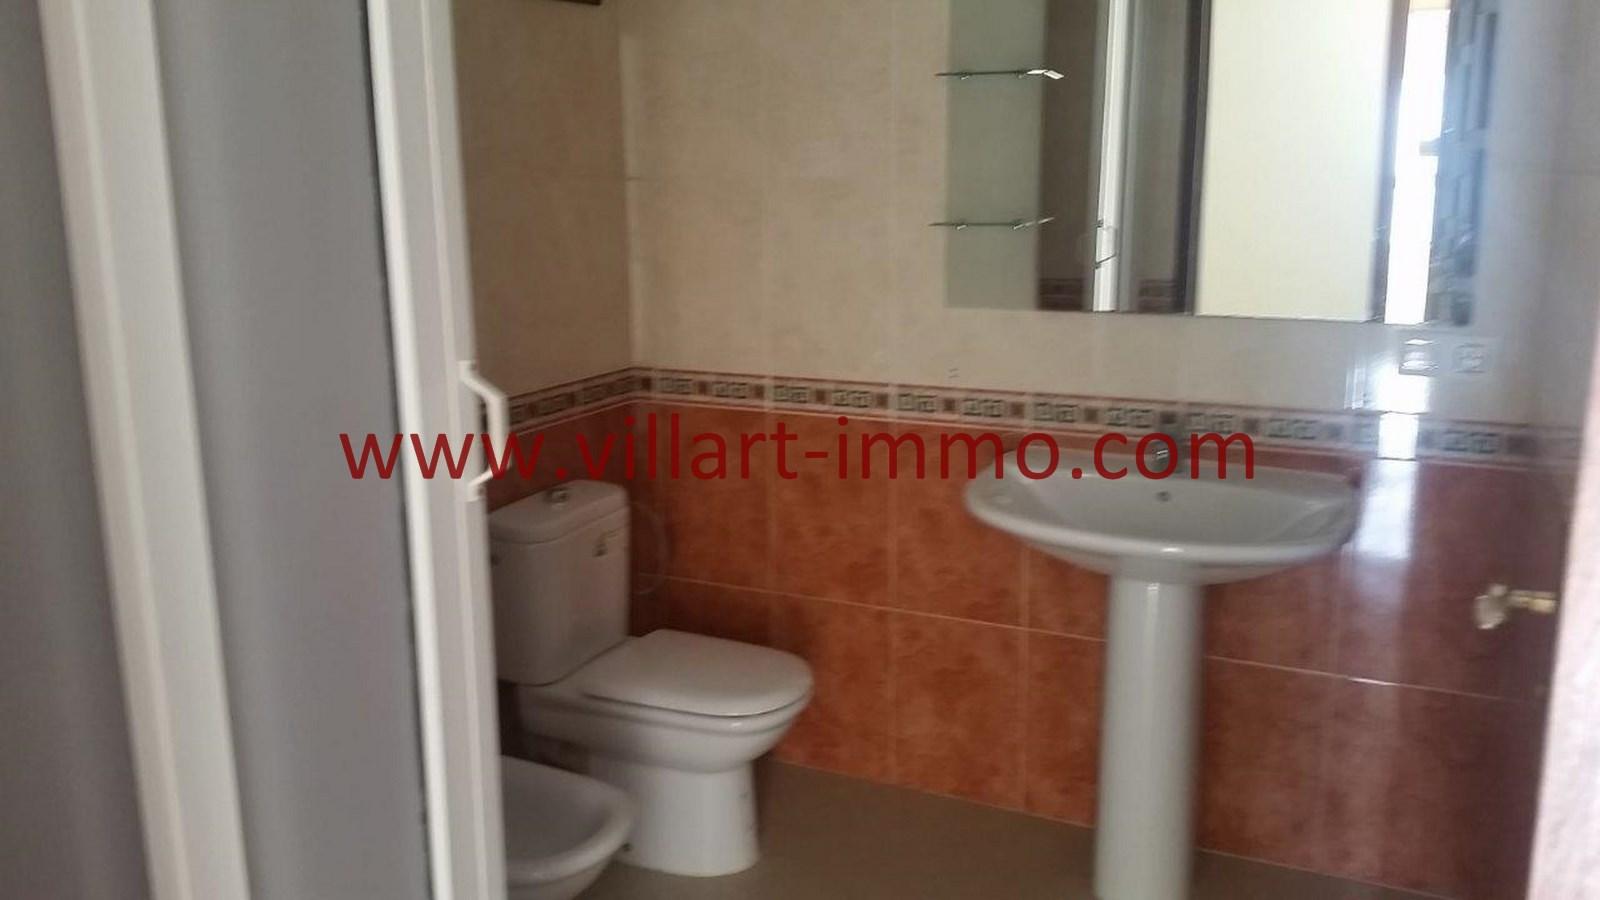 11-a-louer-appartement-tanger-iberia-salle-de-bain-1-l907-villart-immo